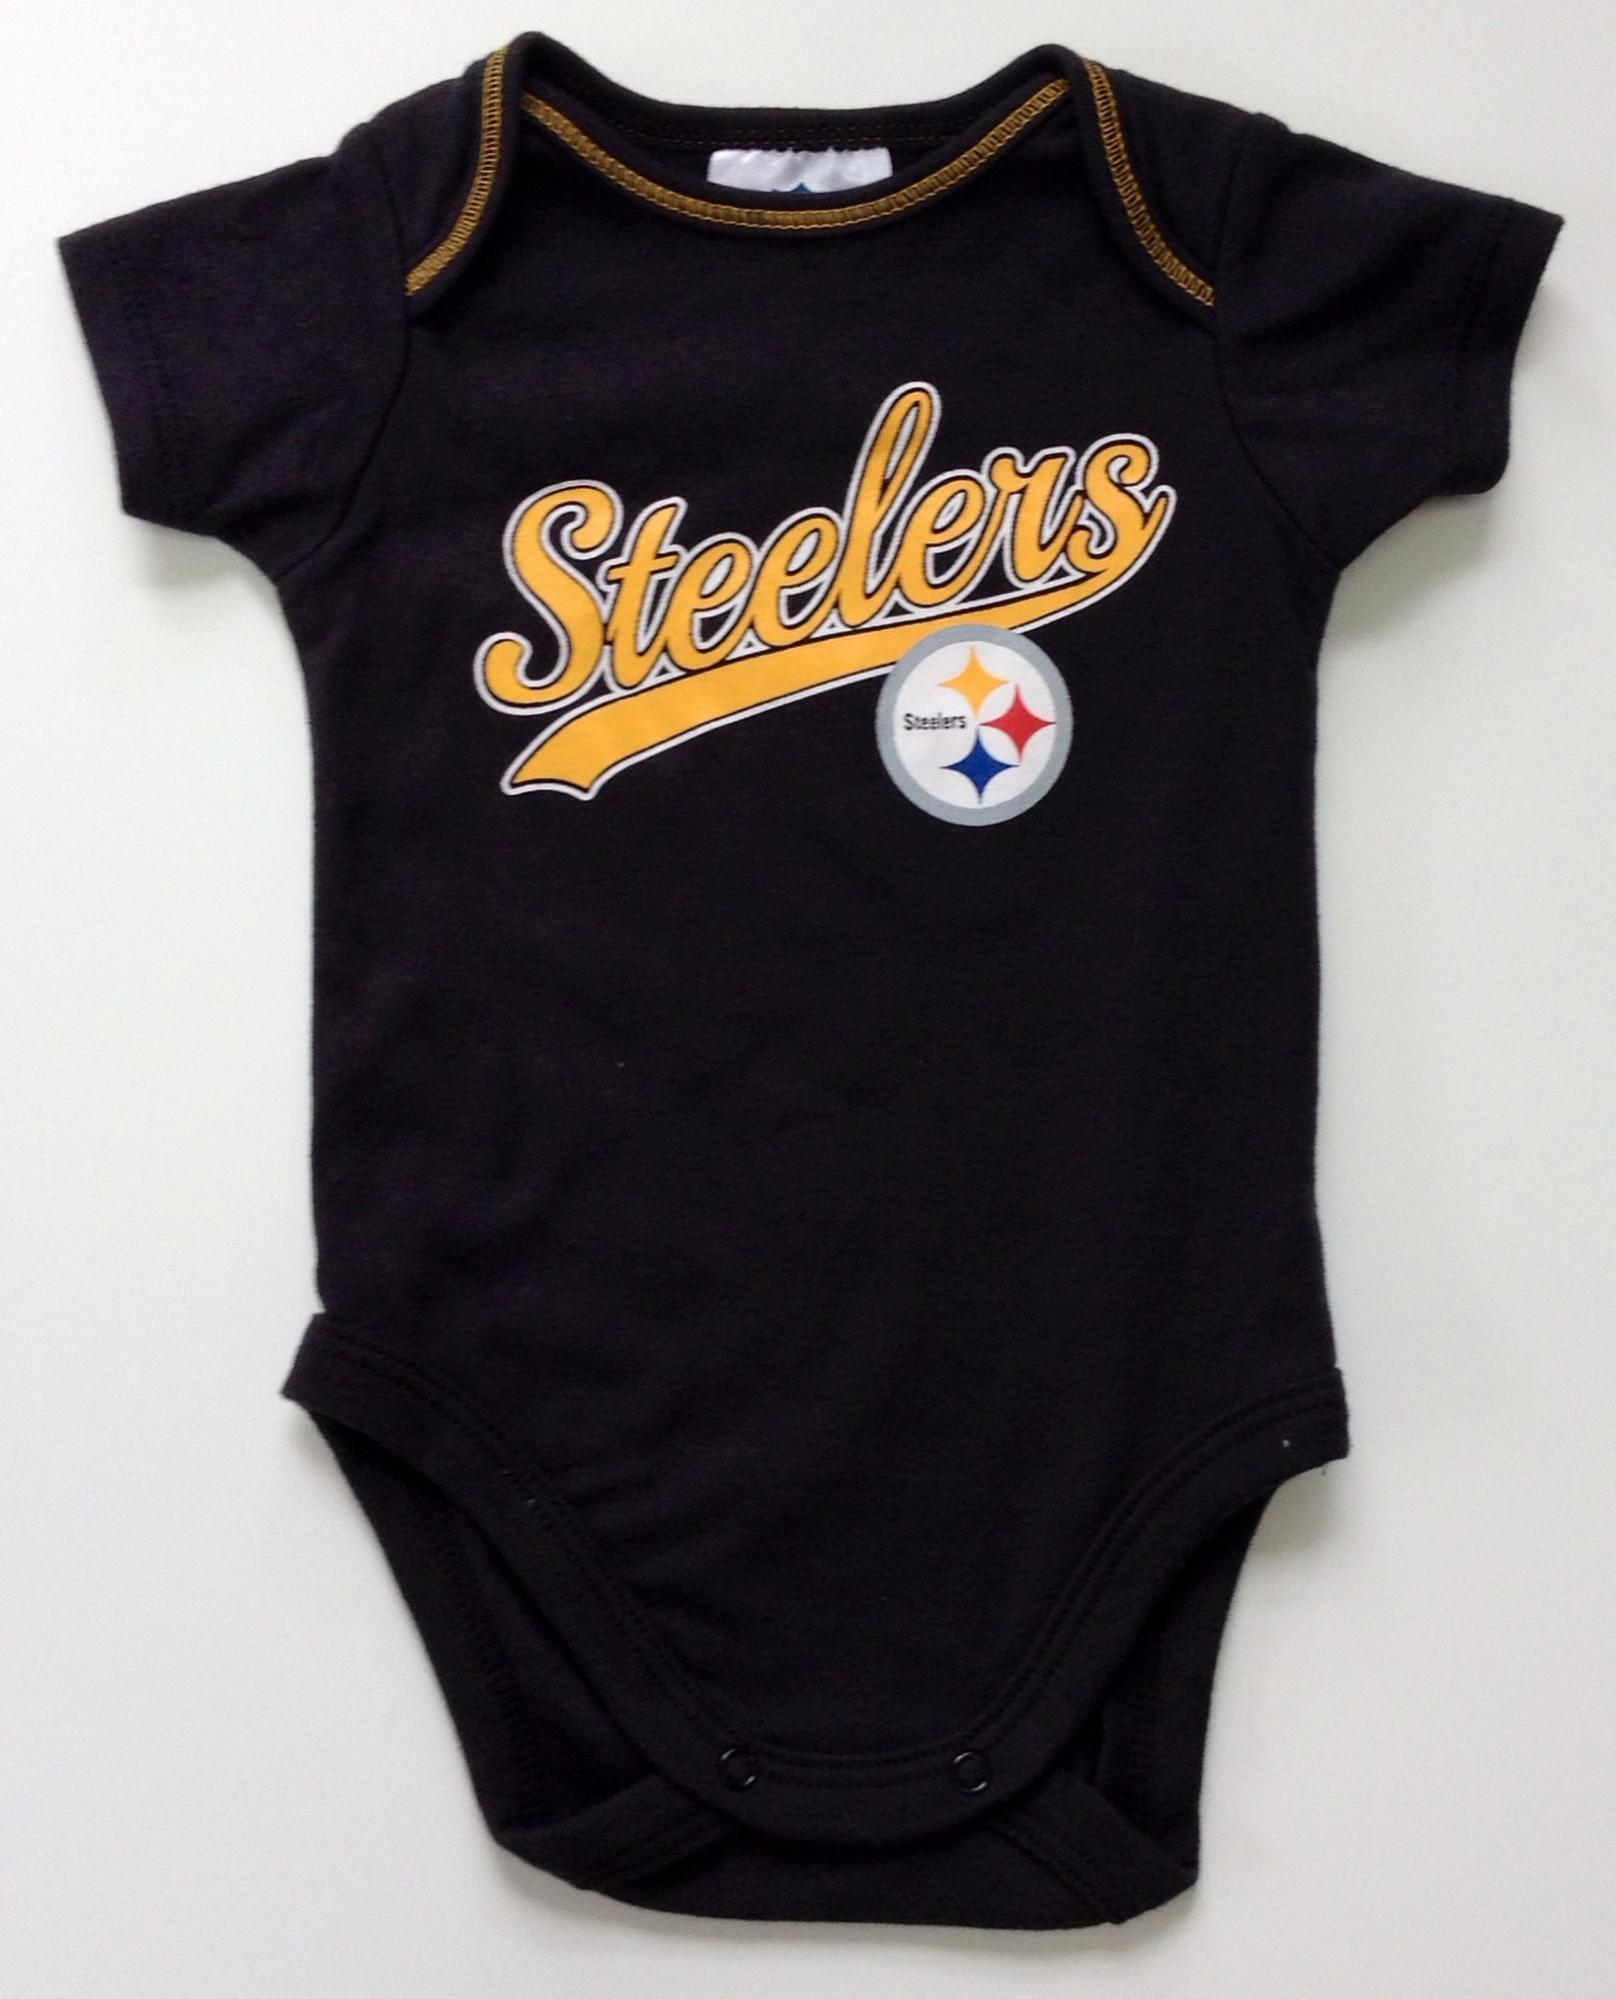 nfl-steelers-infant-onesie-3-pack-5.jpg